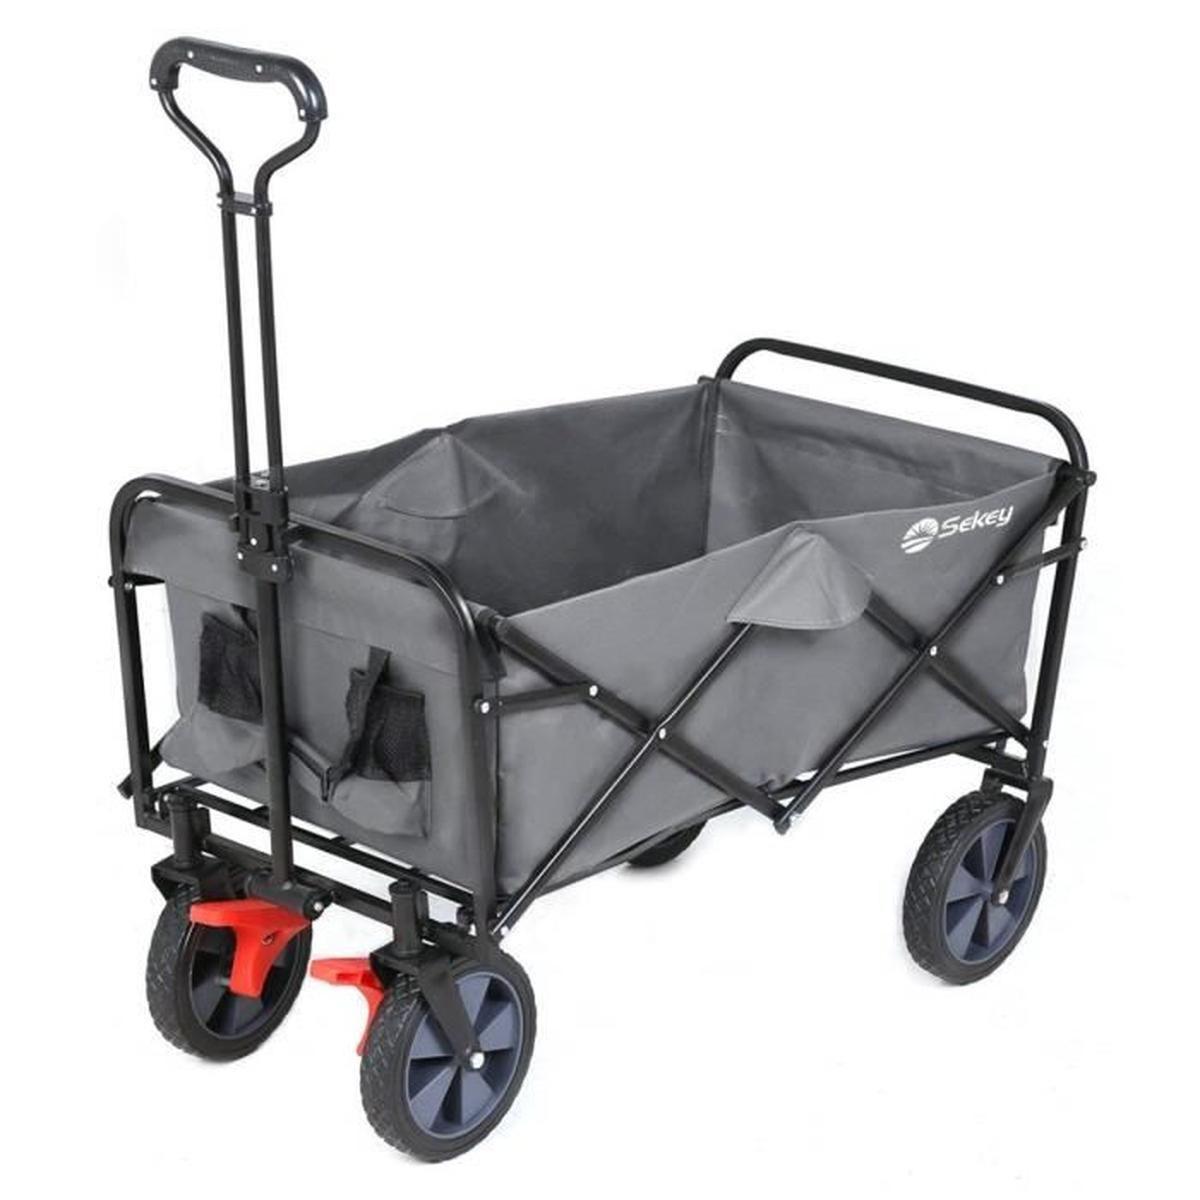 Sekey Chariot De Jardin Pliable Avec Freins | Charrette ... encequiconcerne Chariot Remorque Jardin